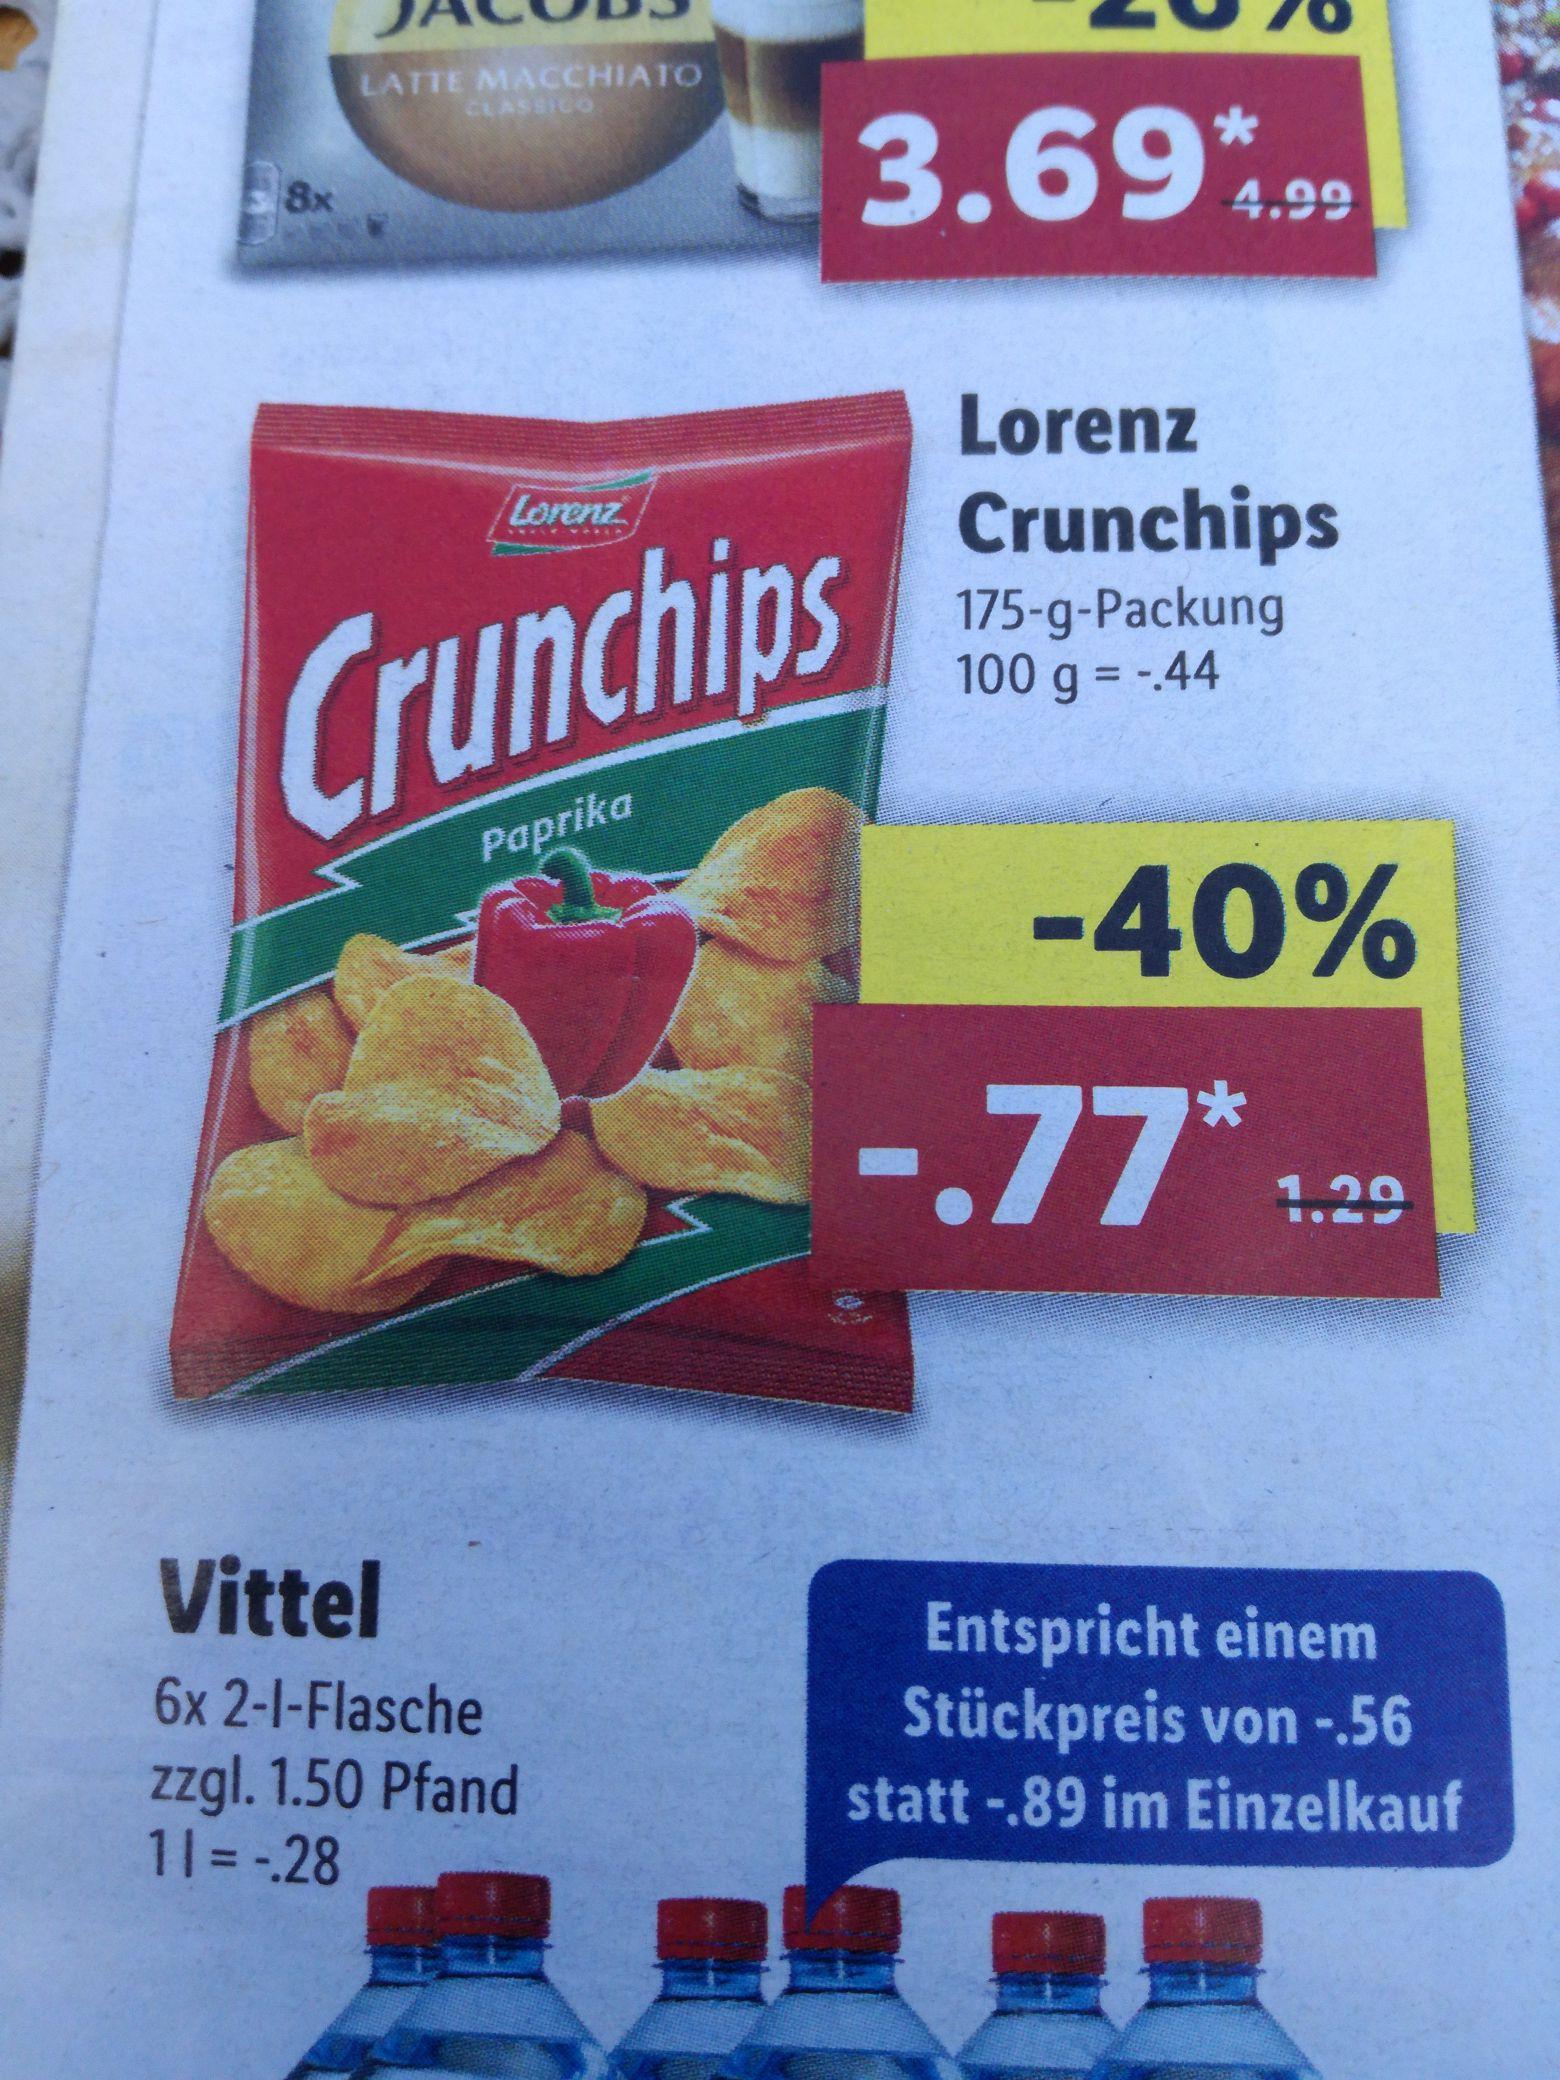 (LIDL) Crunchips